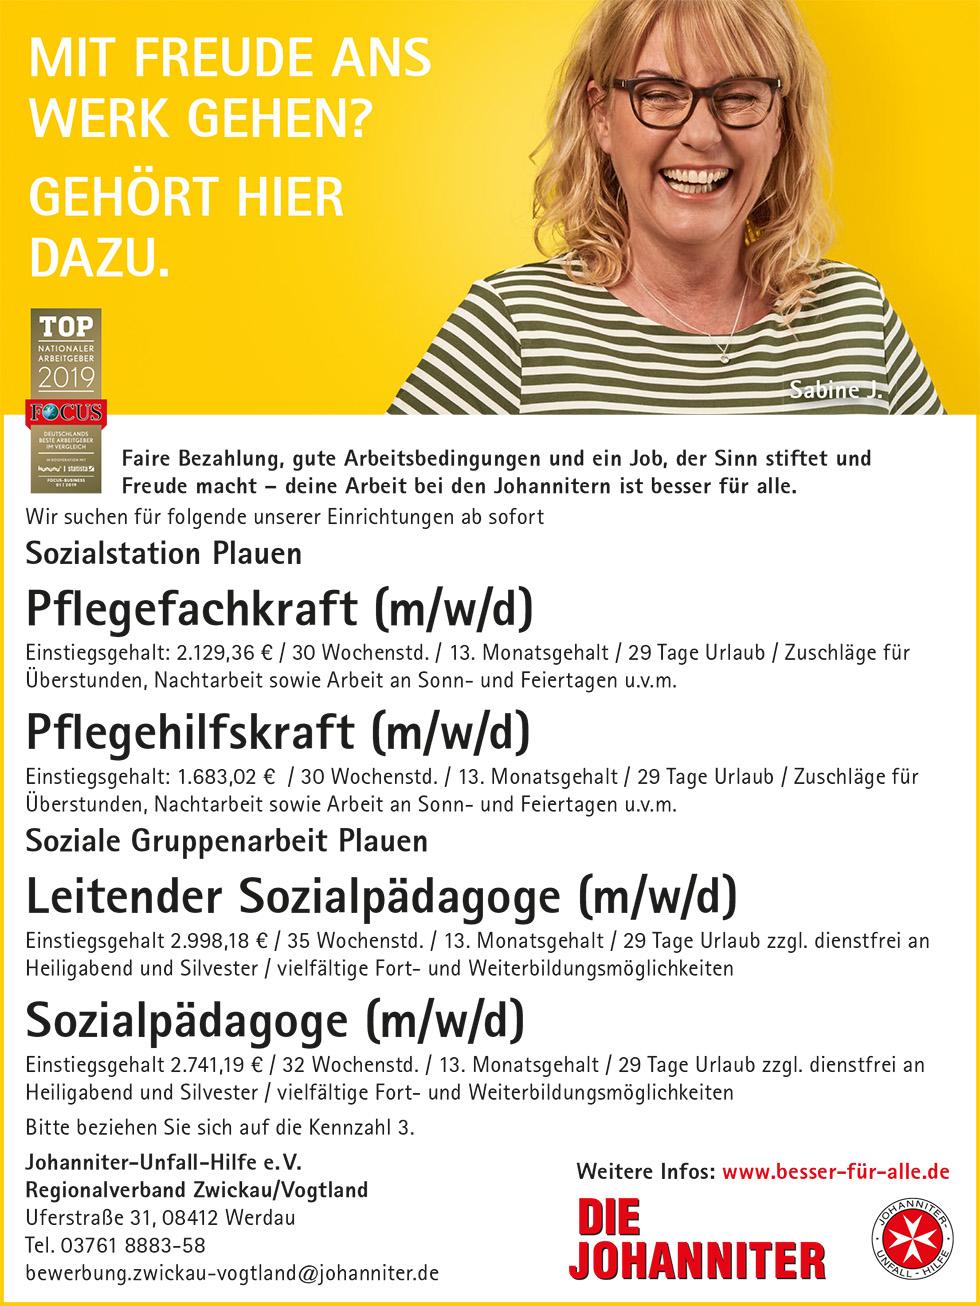 Stellenanzeige-Johanniter-Spitzenjobs-Pflegekraft-Sozialpädagoge-Vogtland